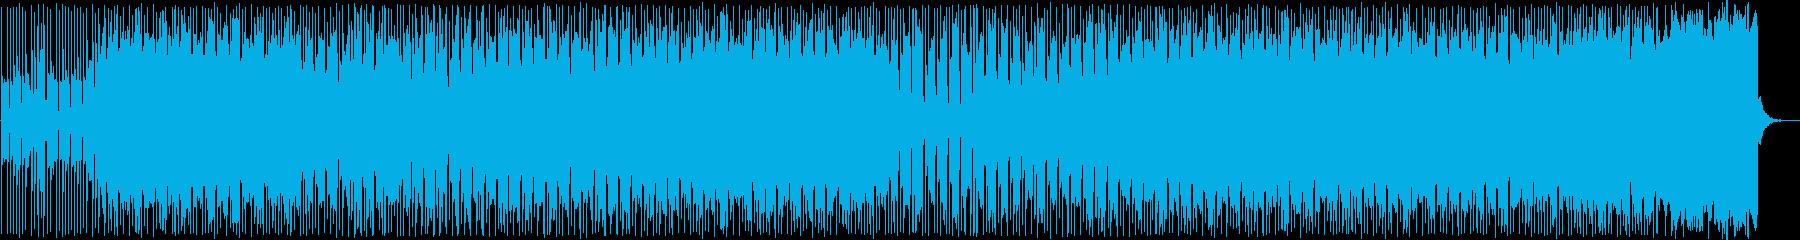 落ち着きのあるポップ調のギターサウンドの再生済みの波形